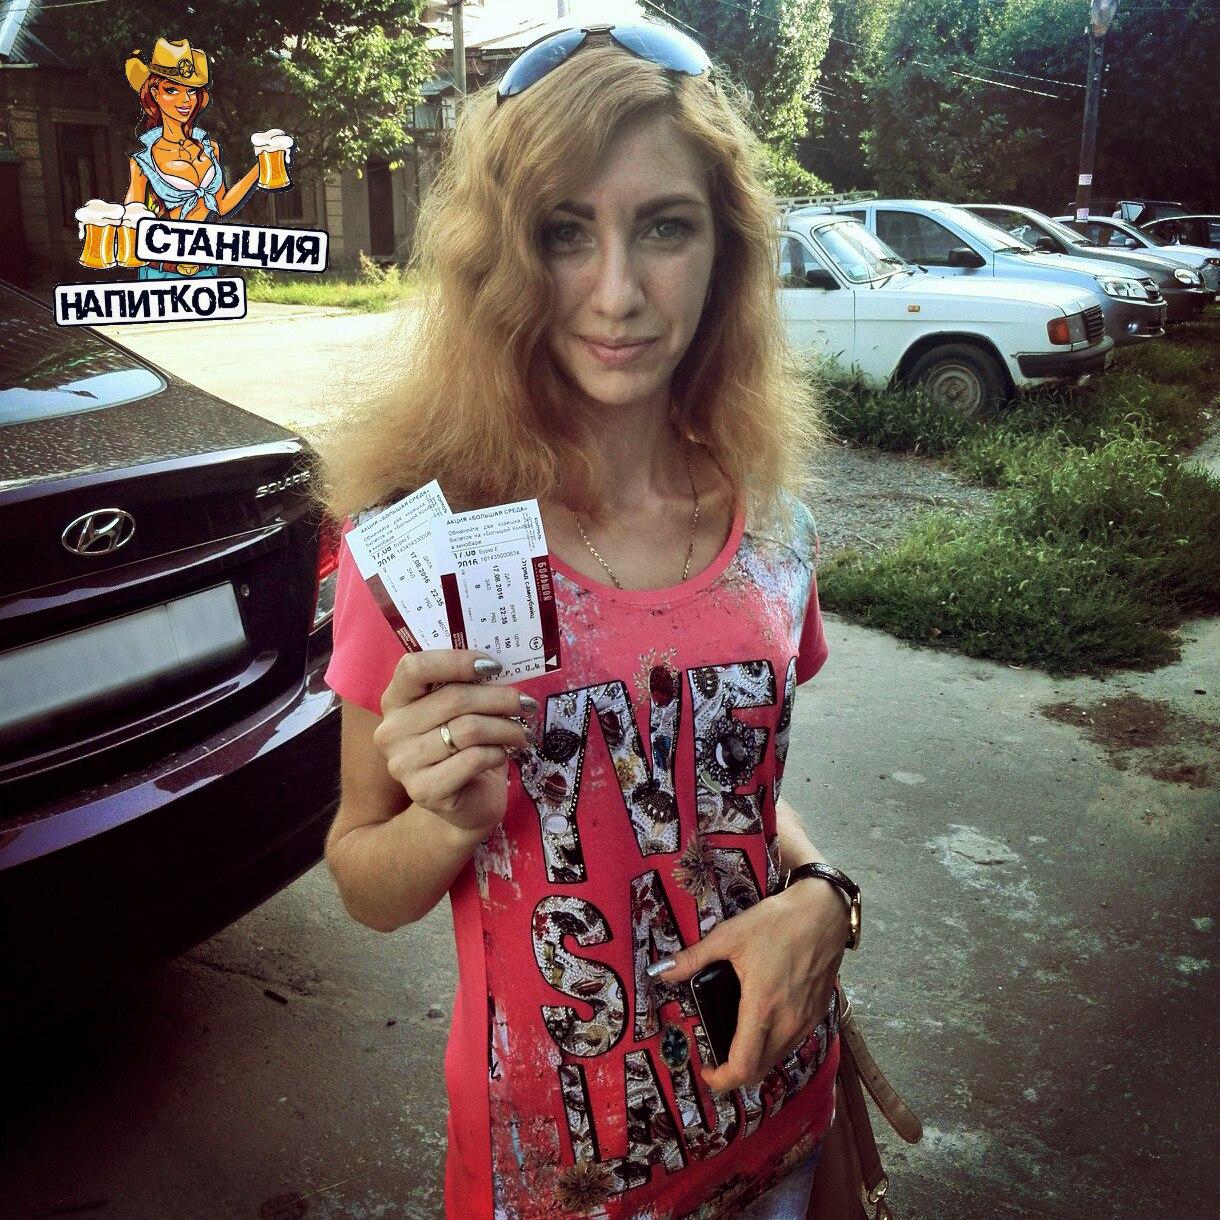 Город должен знать наших победителей в лицо! И в этот раз это Элла Колчева Участвовала в нашем очередном конкурсе!